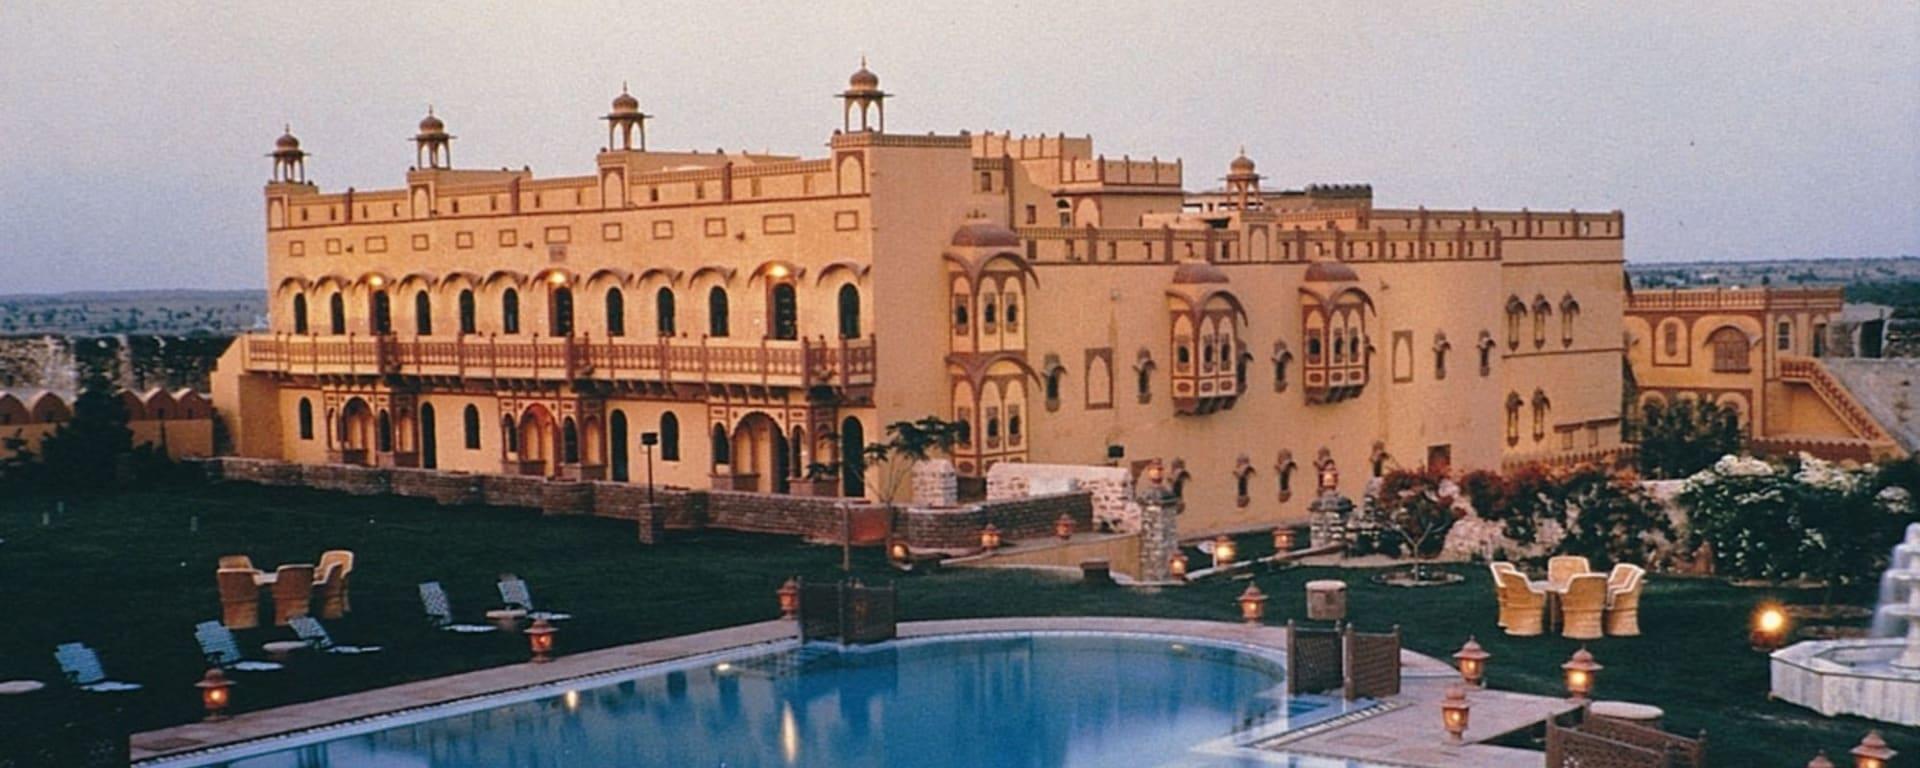 Romantisme des palais et magie du désert de Jodhpur: exterior: Khimsar Fort